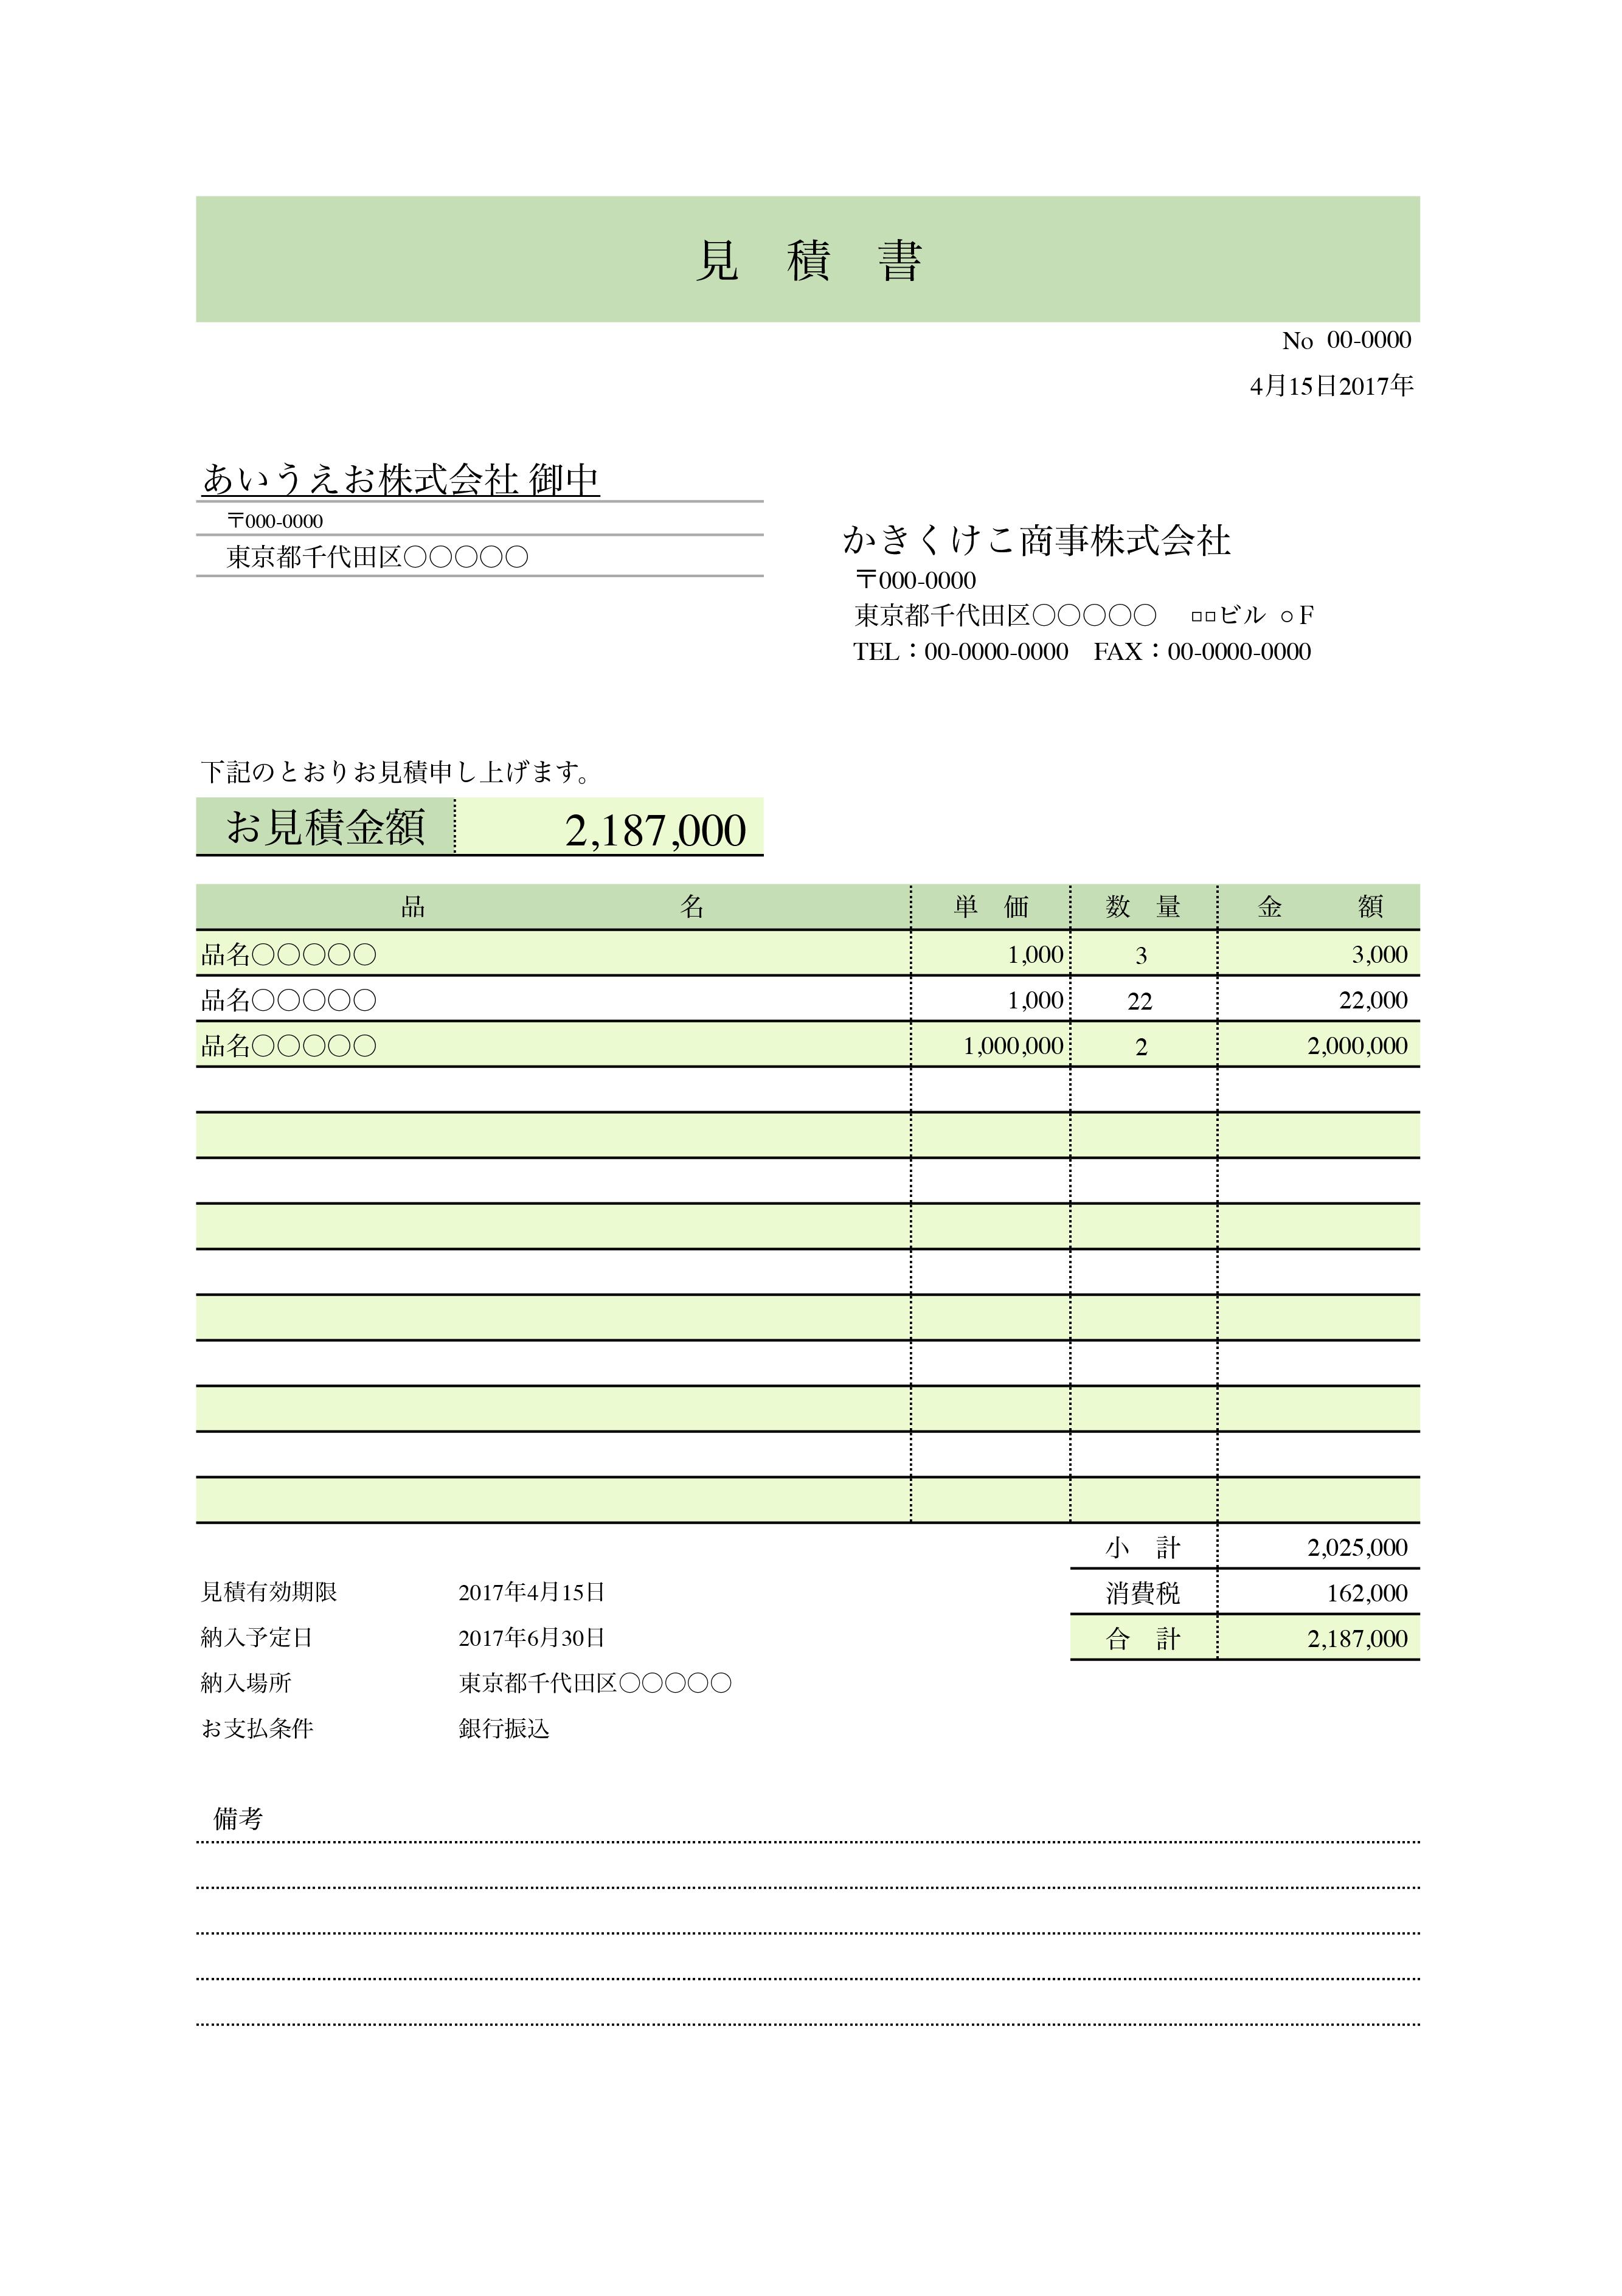 商品向け・見積書テンプレート 爽やかグリーン(エクセル・ナンバーズ)